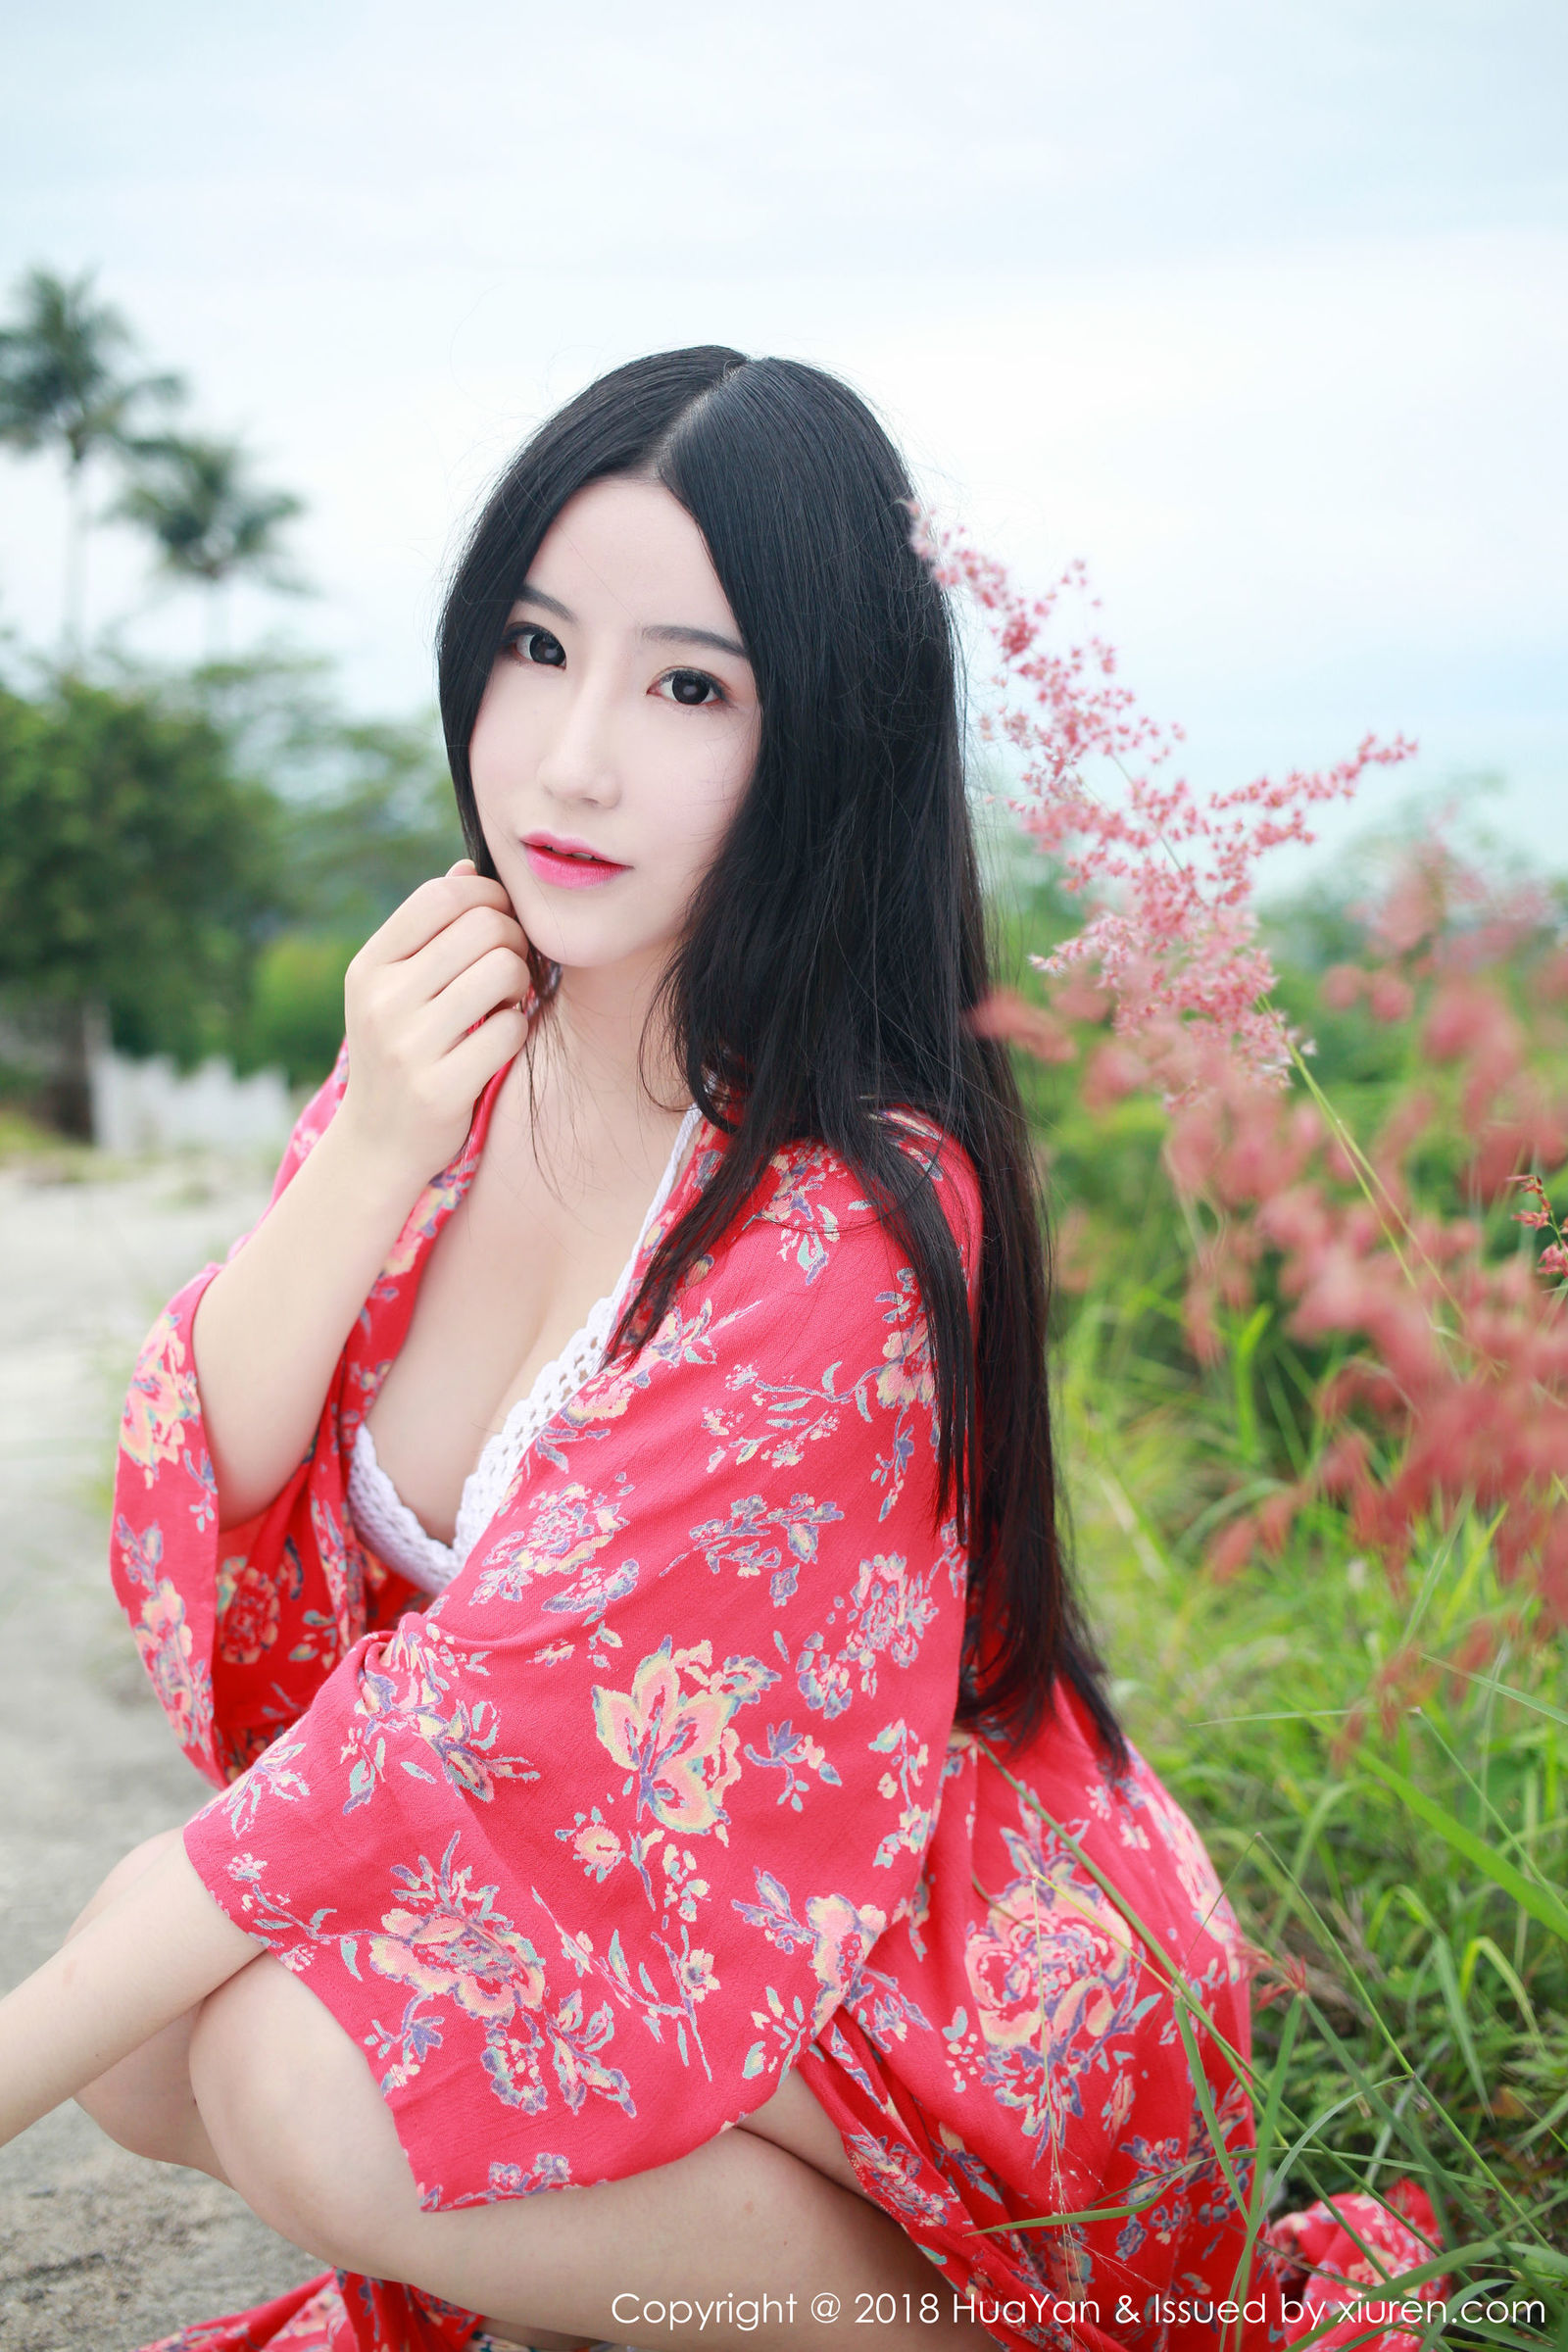 巨乳 谢芷馨Sindy泰国苏梅岛旅拍